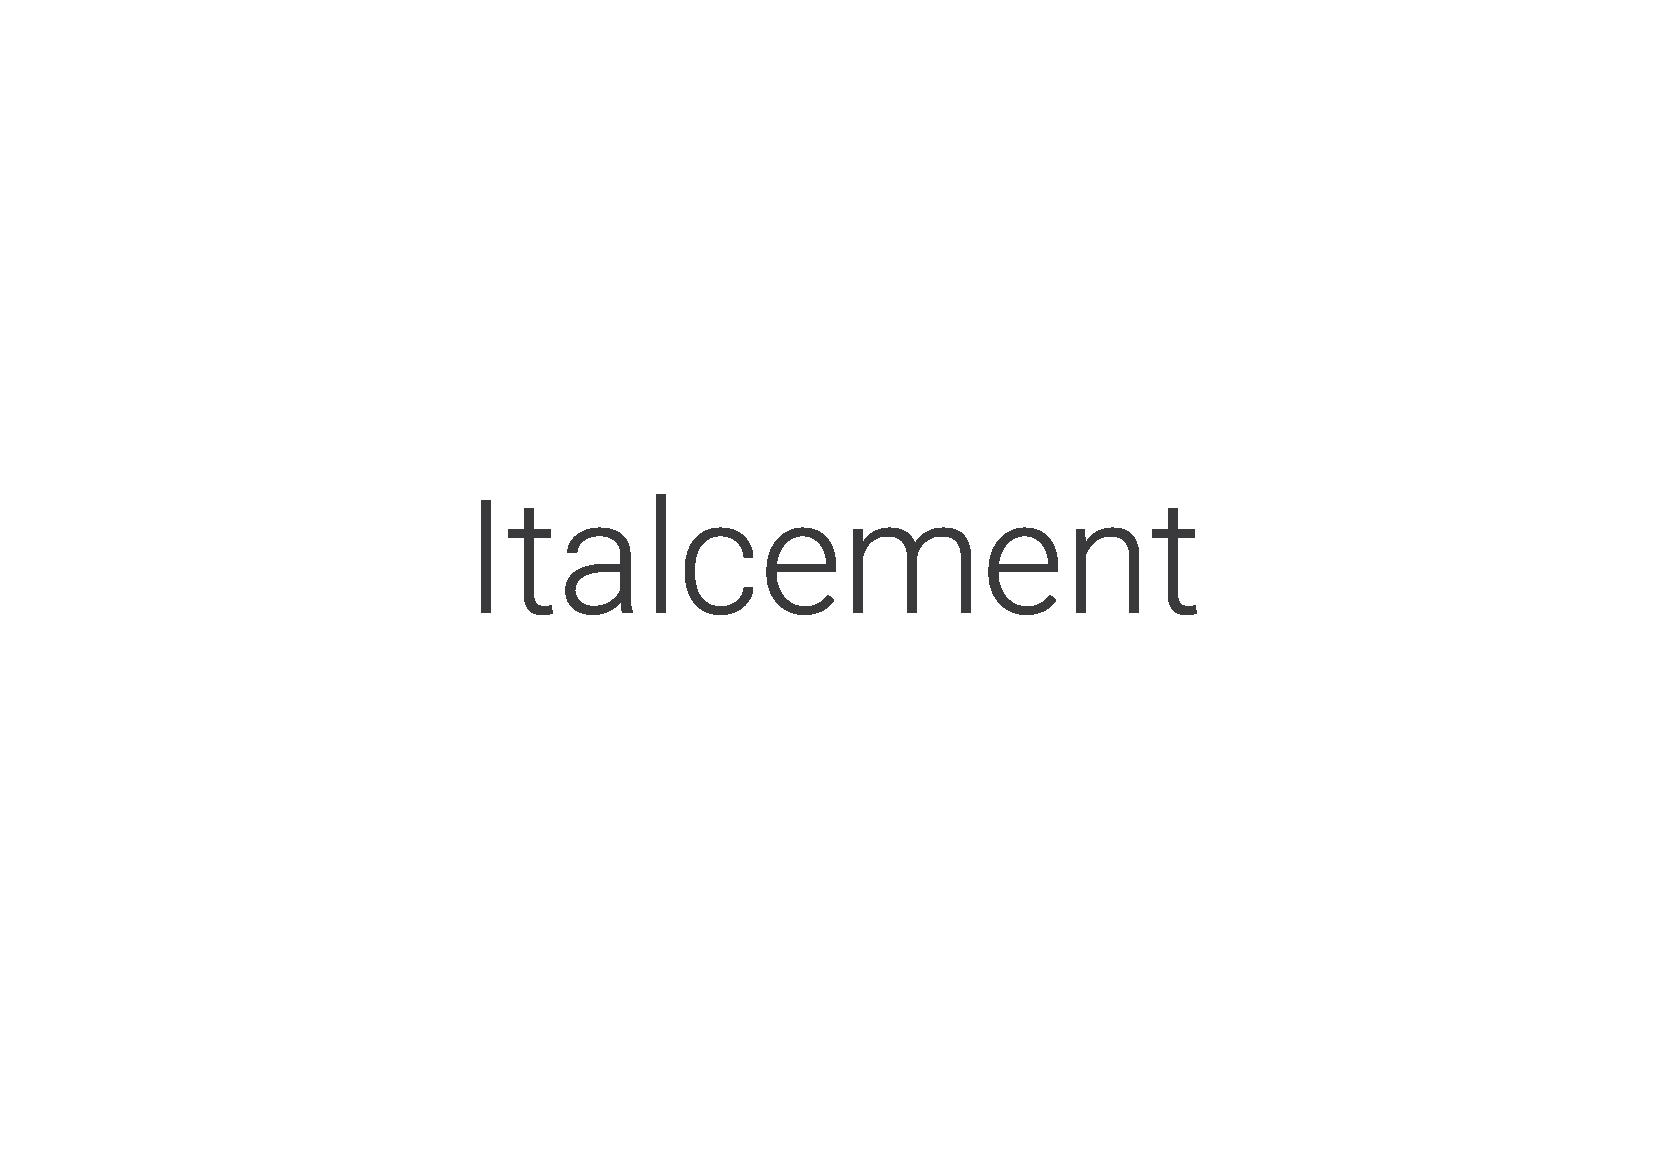 Italcement